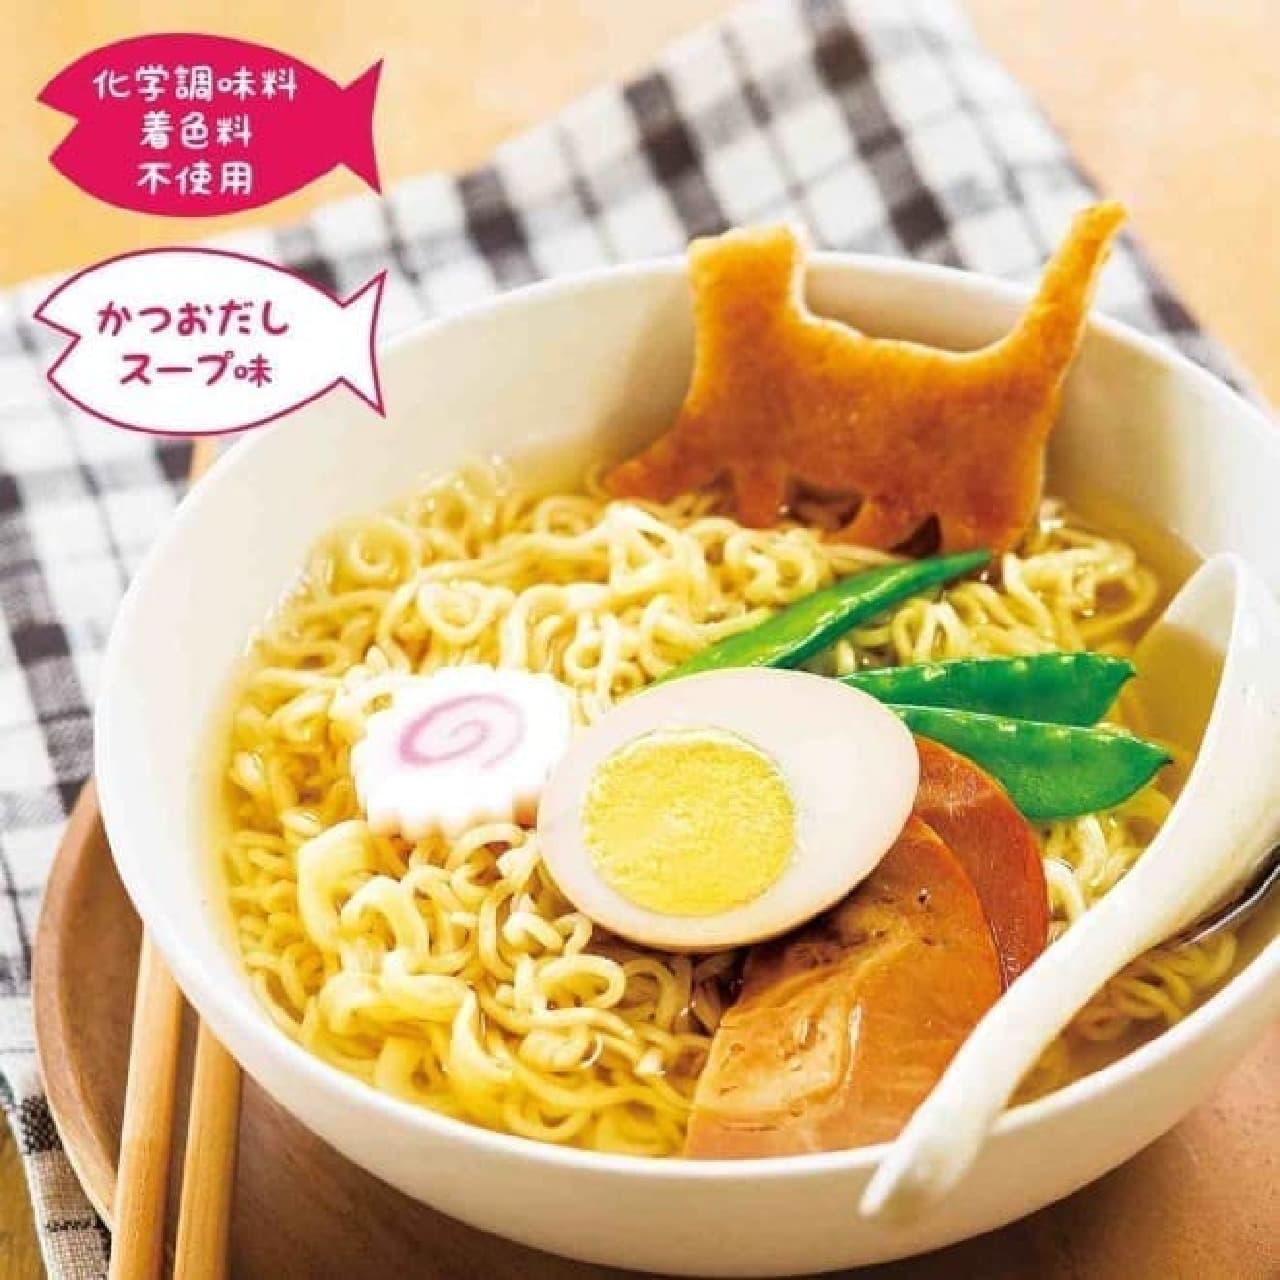 ネコ好き用ラーメン「にゃーん麺」の通信販売開始!